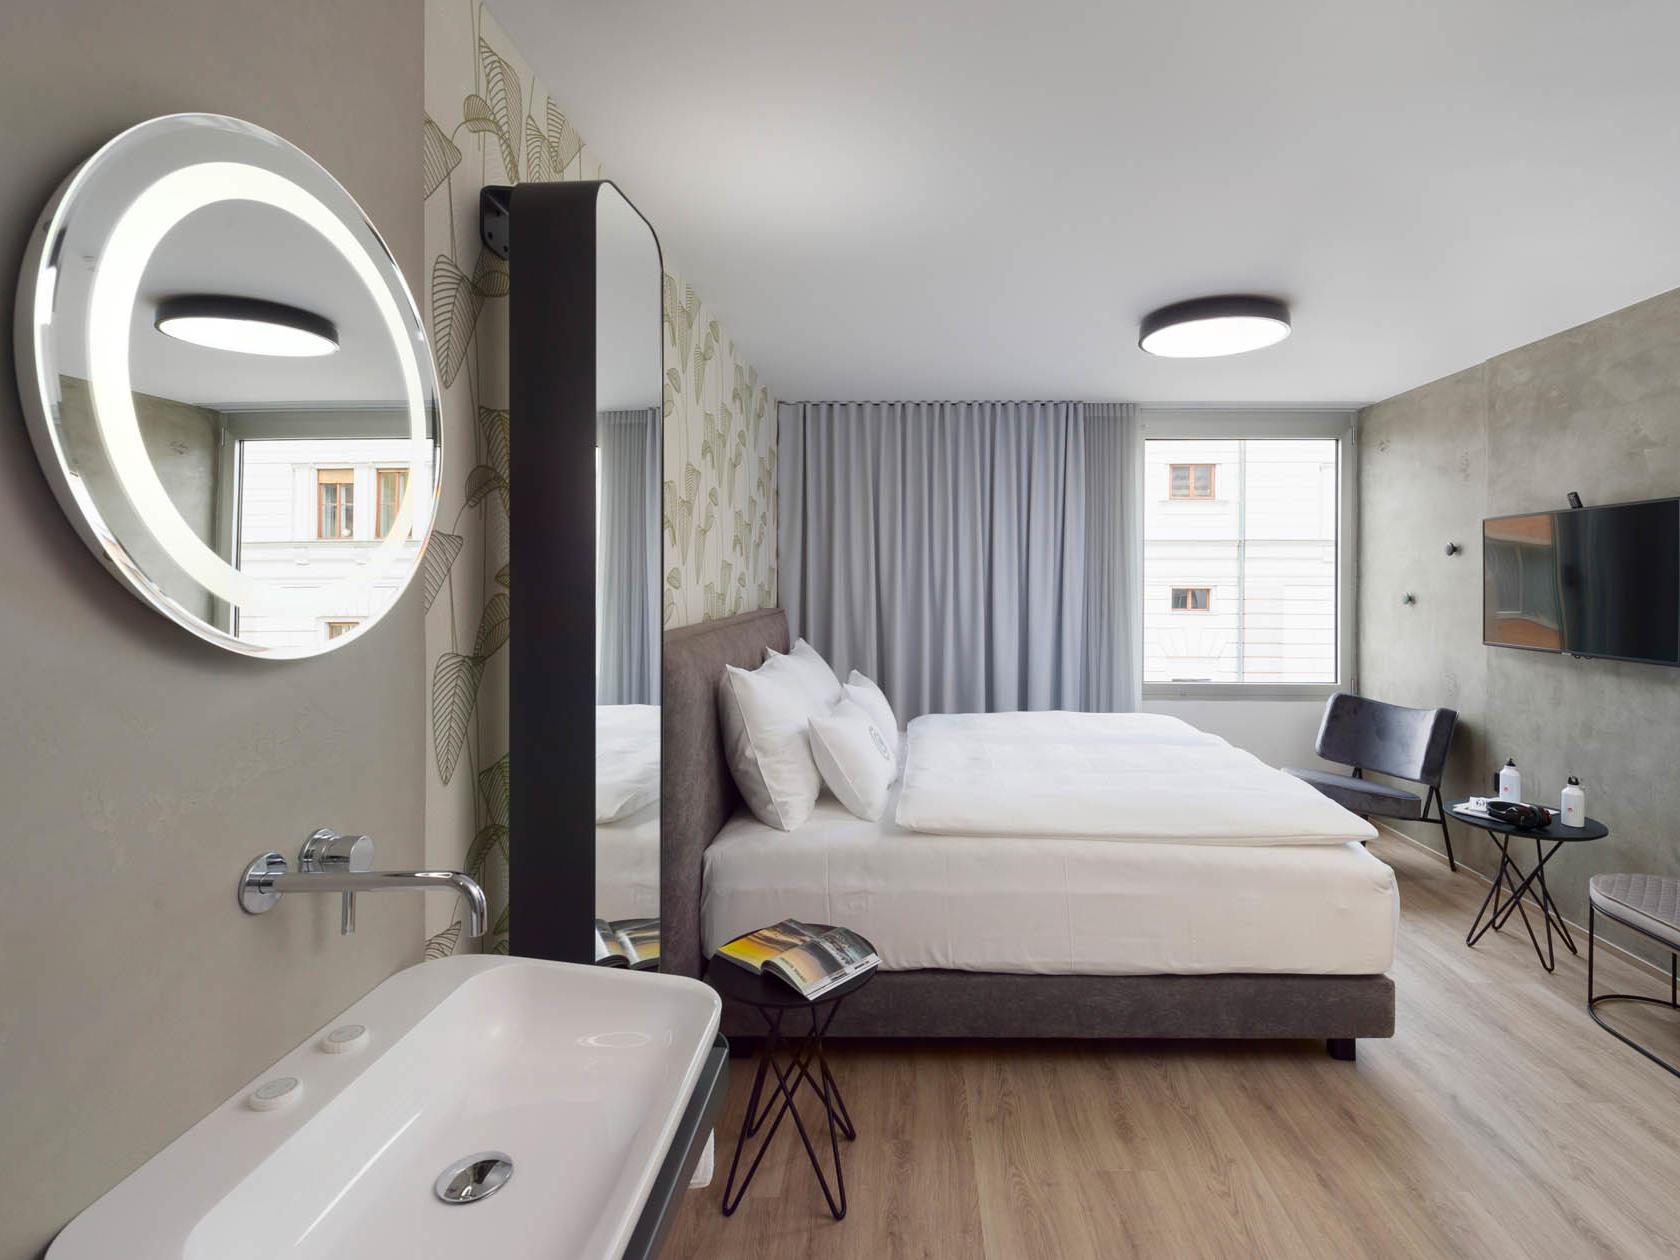 Roomy Double Room at Central Hotel in Ljubljana